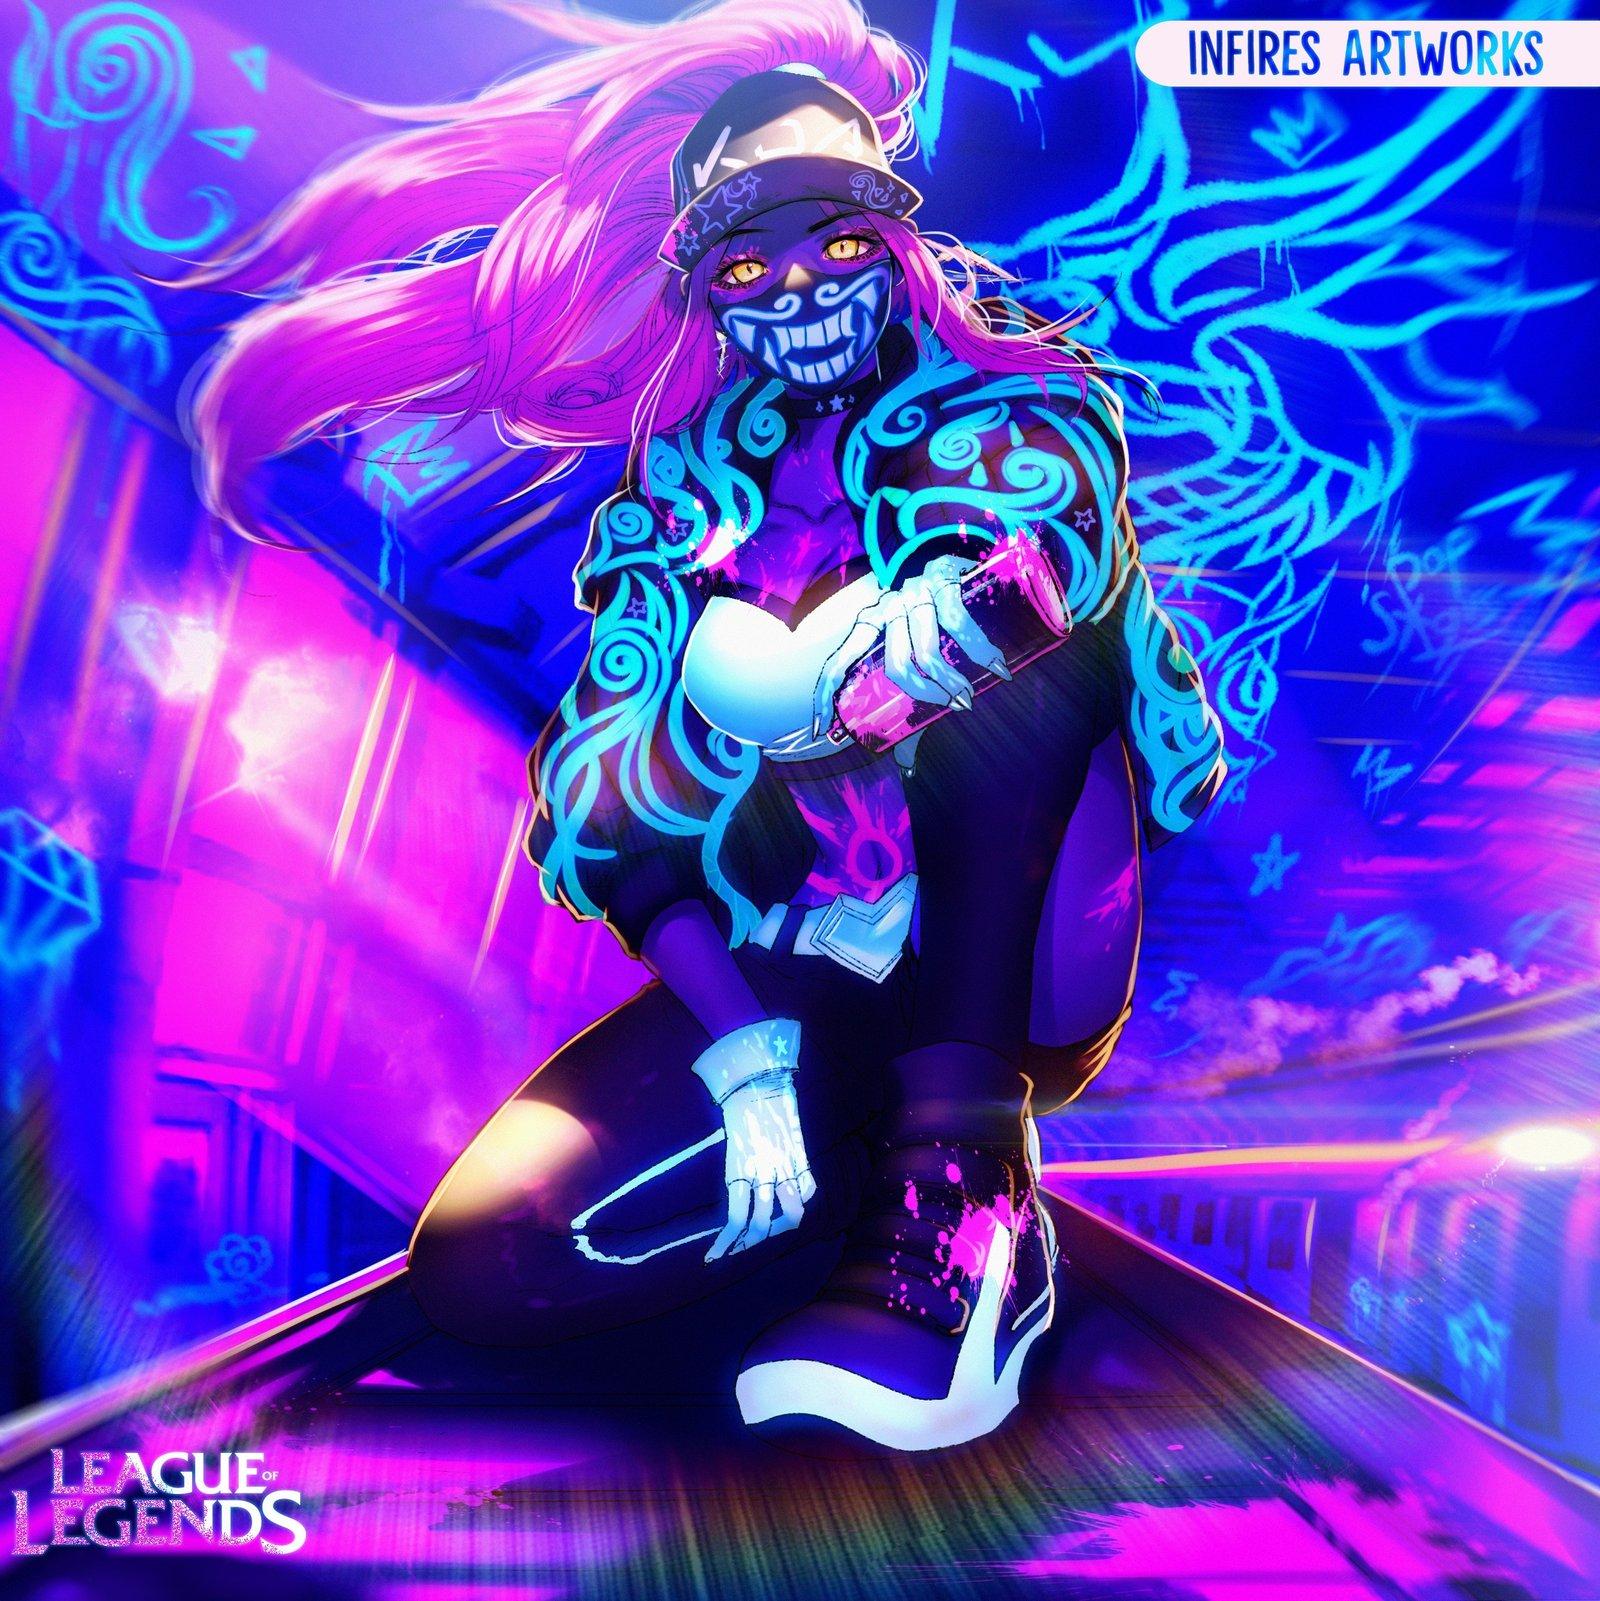 K/DA Akali by Iku-Aldena HD Wallpaper Background Fan Art Artwork League of Legends lol